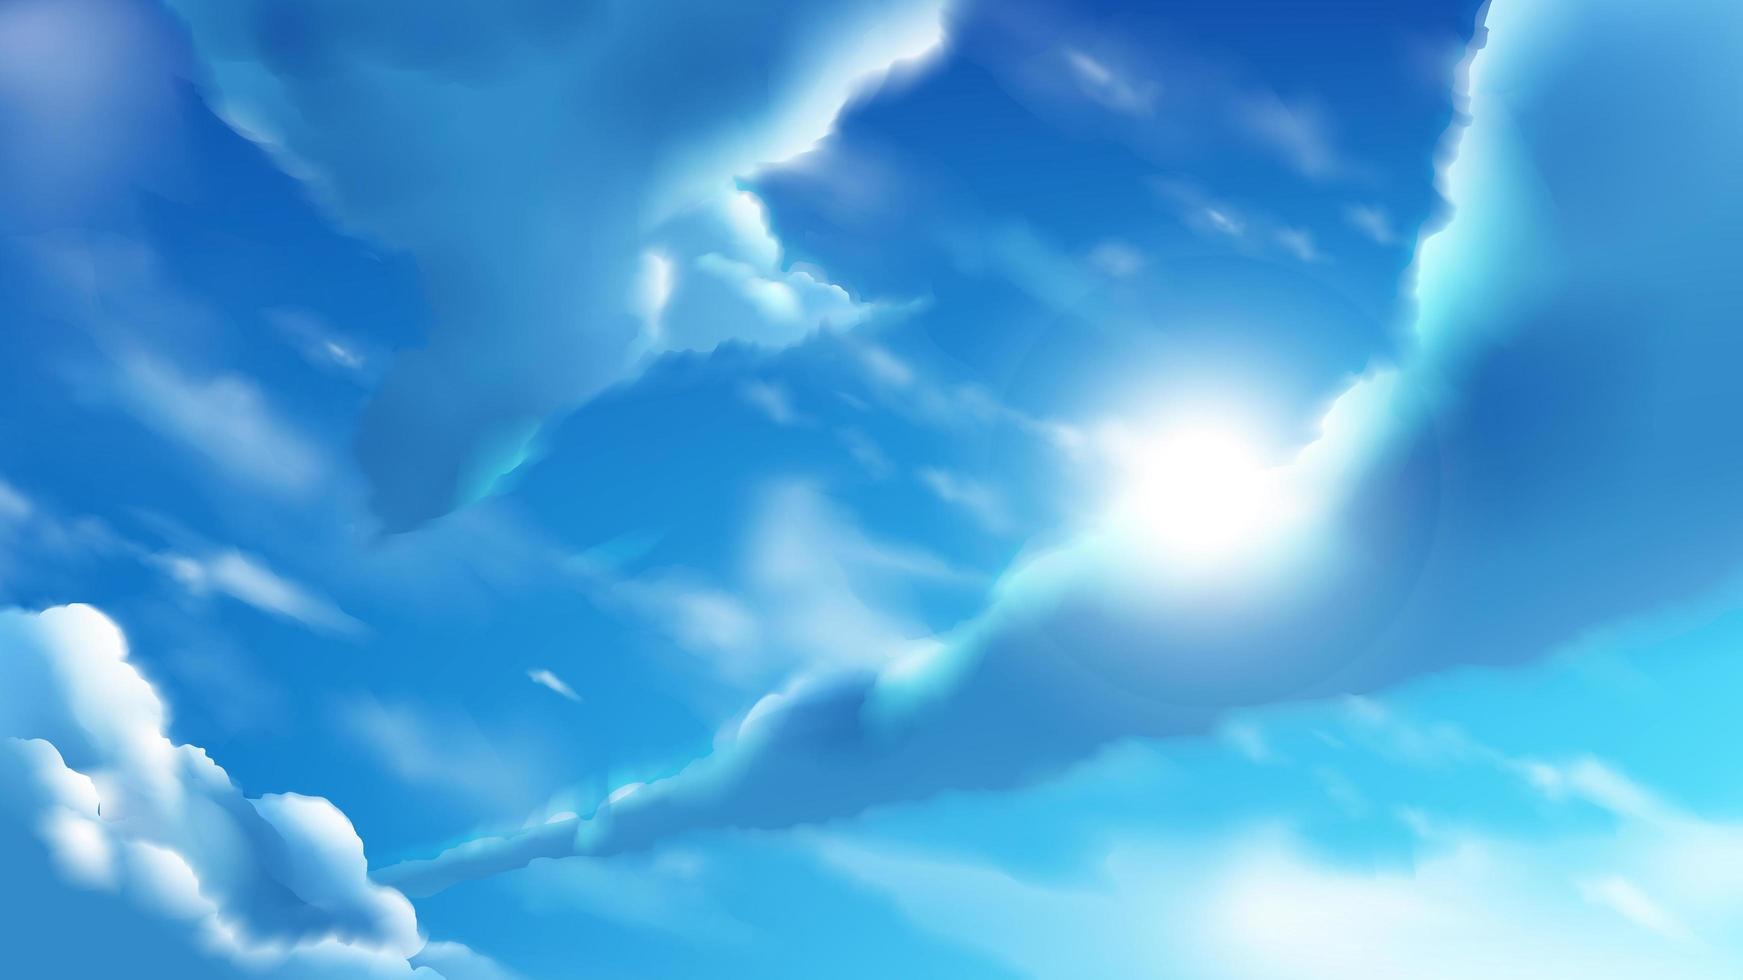 nuvens de anime no céu azul brilhante vetor